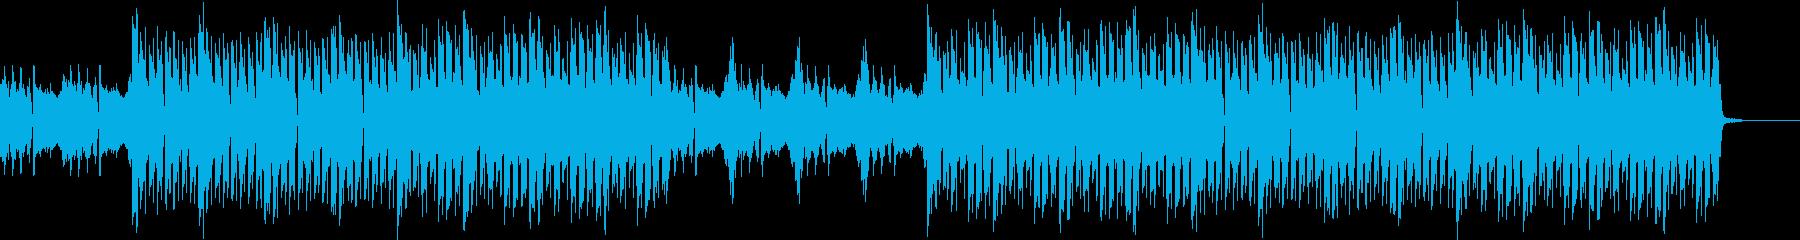 おしゃれ・アイリッシュ・EDM・空気感の再生済みの波形